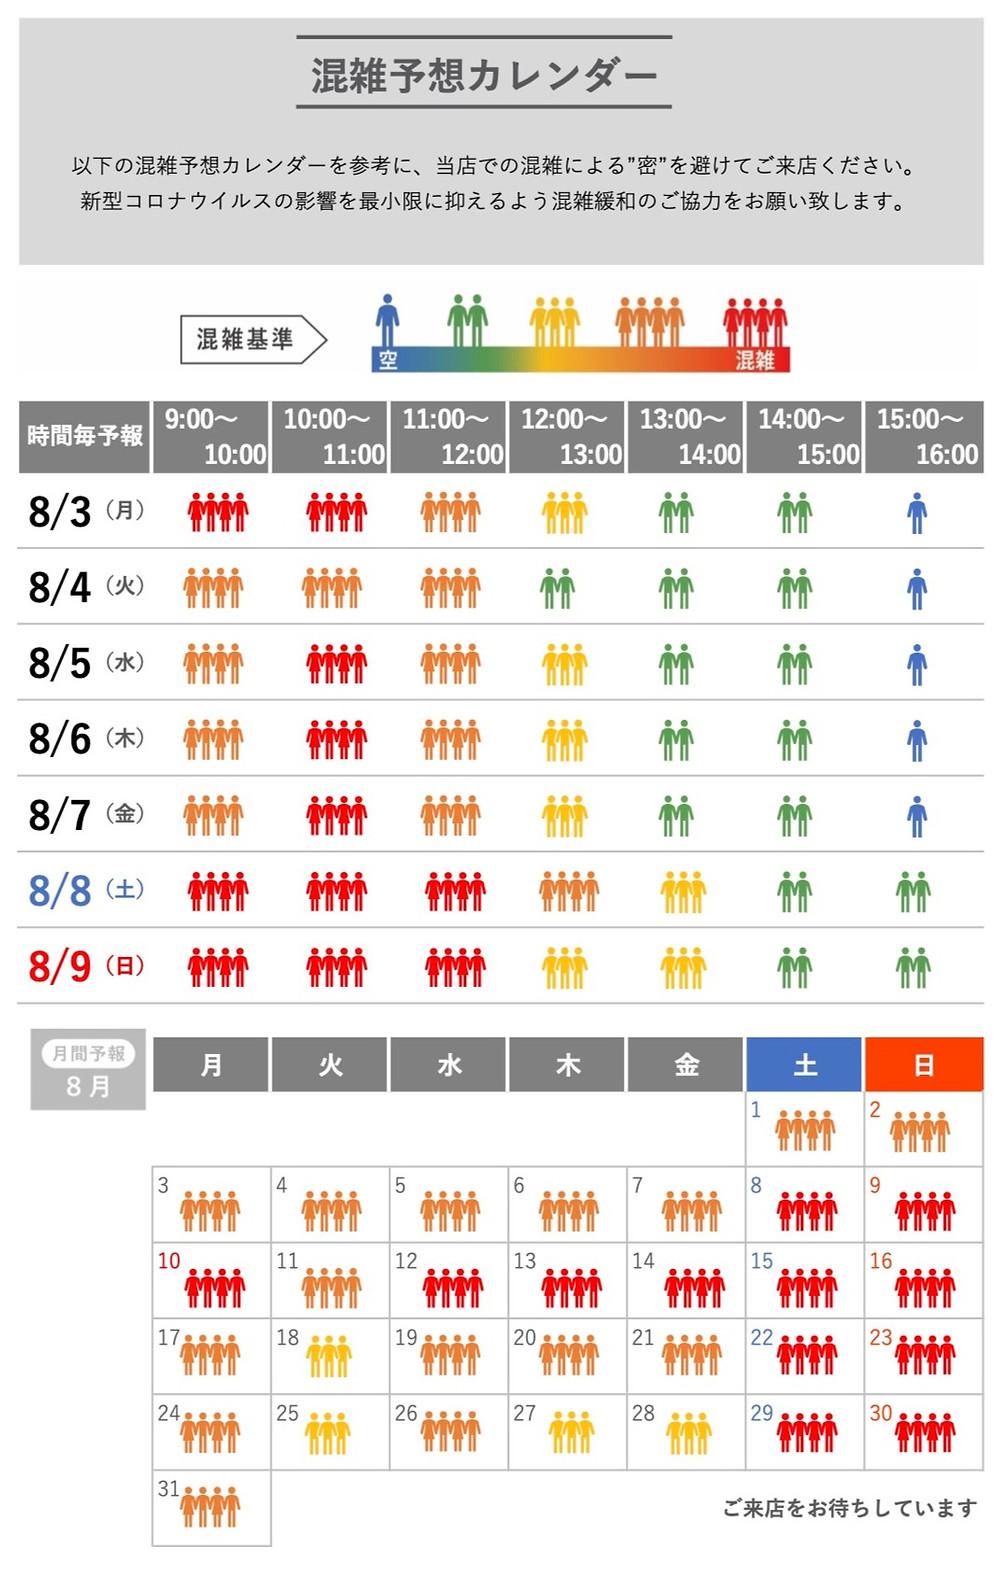 AIによる混雑予測カレンダー